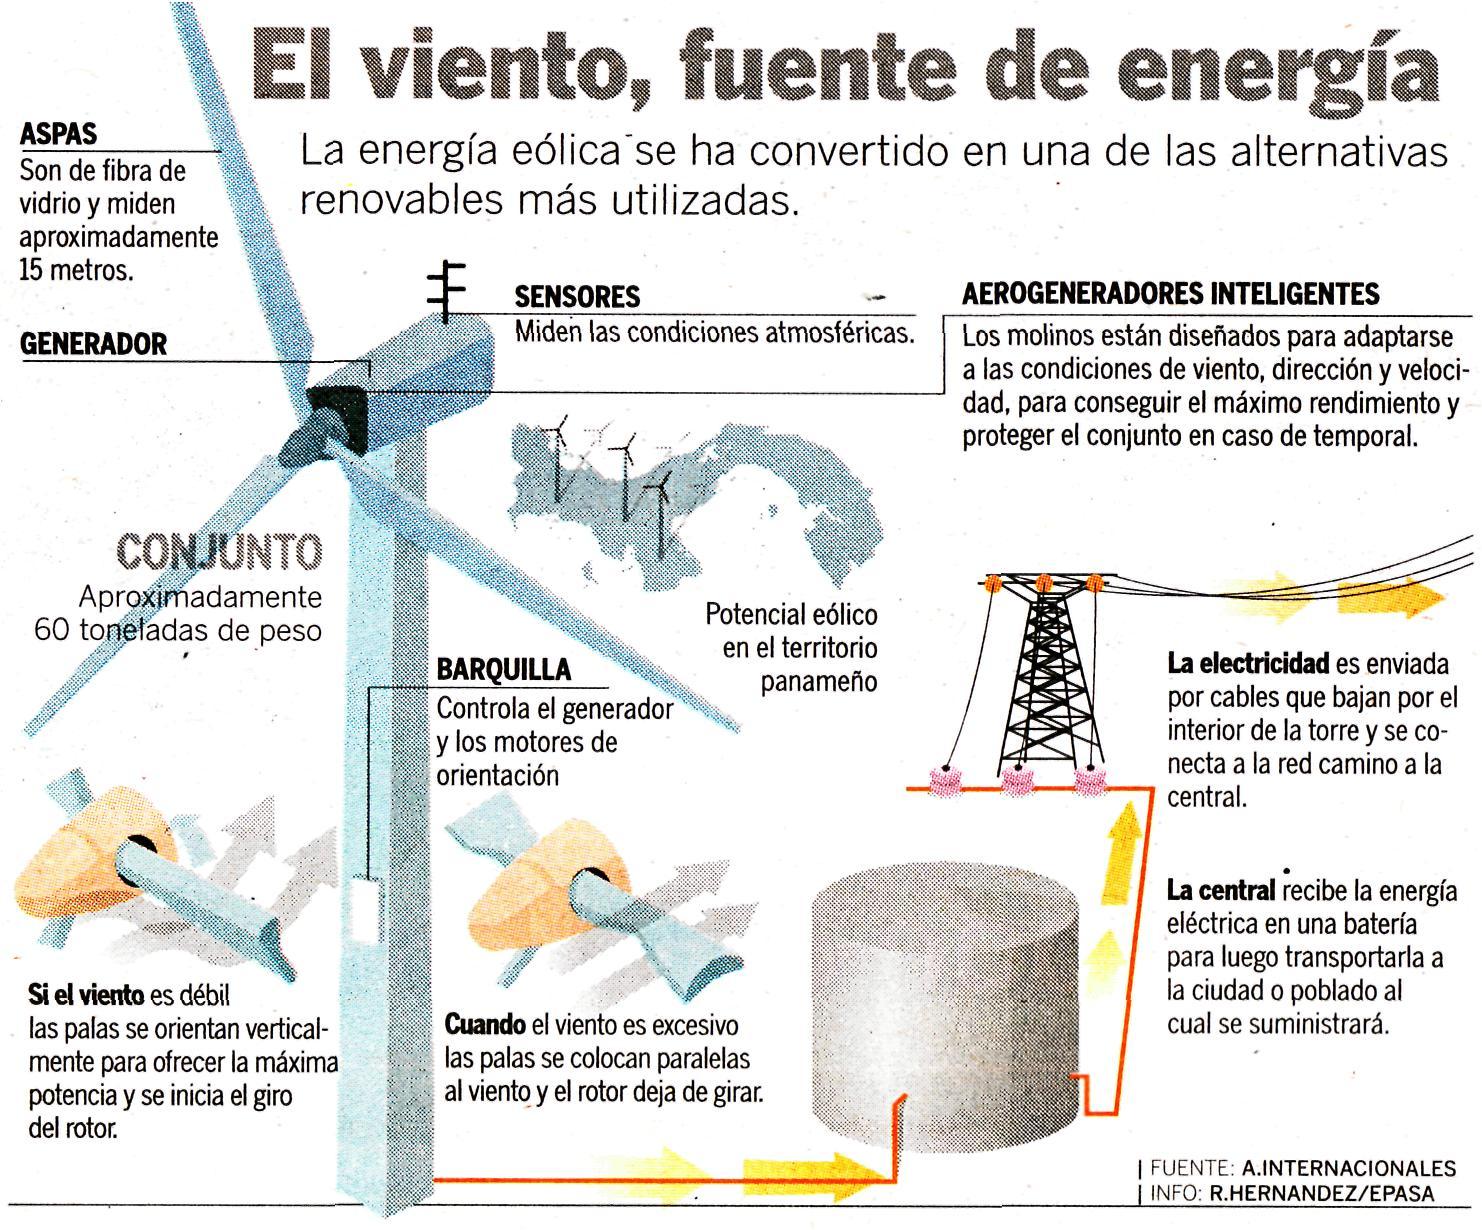 El ingeniero panameño, Antonio Clément, propone el uso de la energia eólica porque cada megavatio instalado, desplaza o evita la emisión de 2 mil toneladas de Dióxido de Carbono, uno de los principales gases contaminantes de la atmósfera